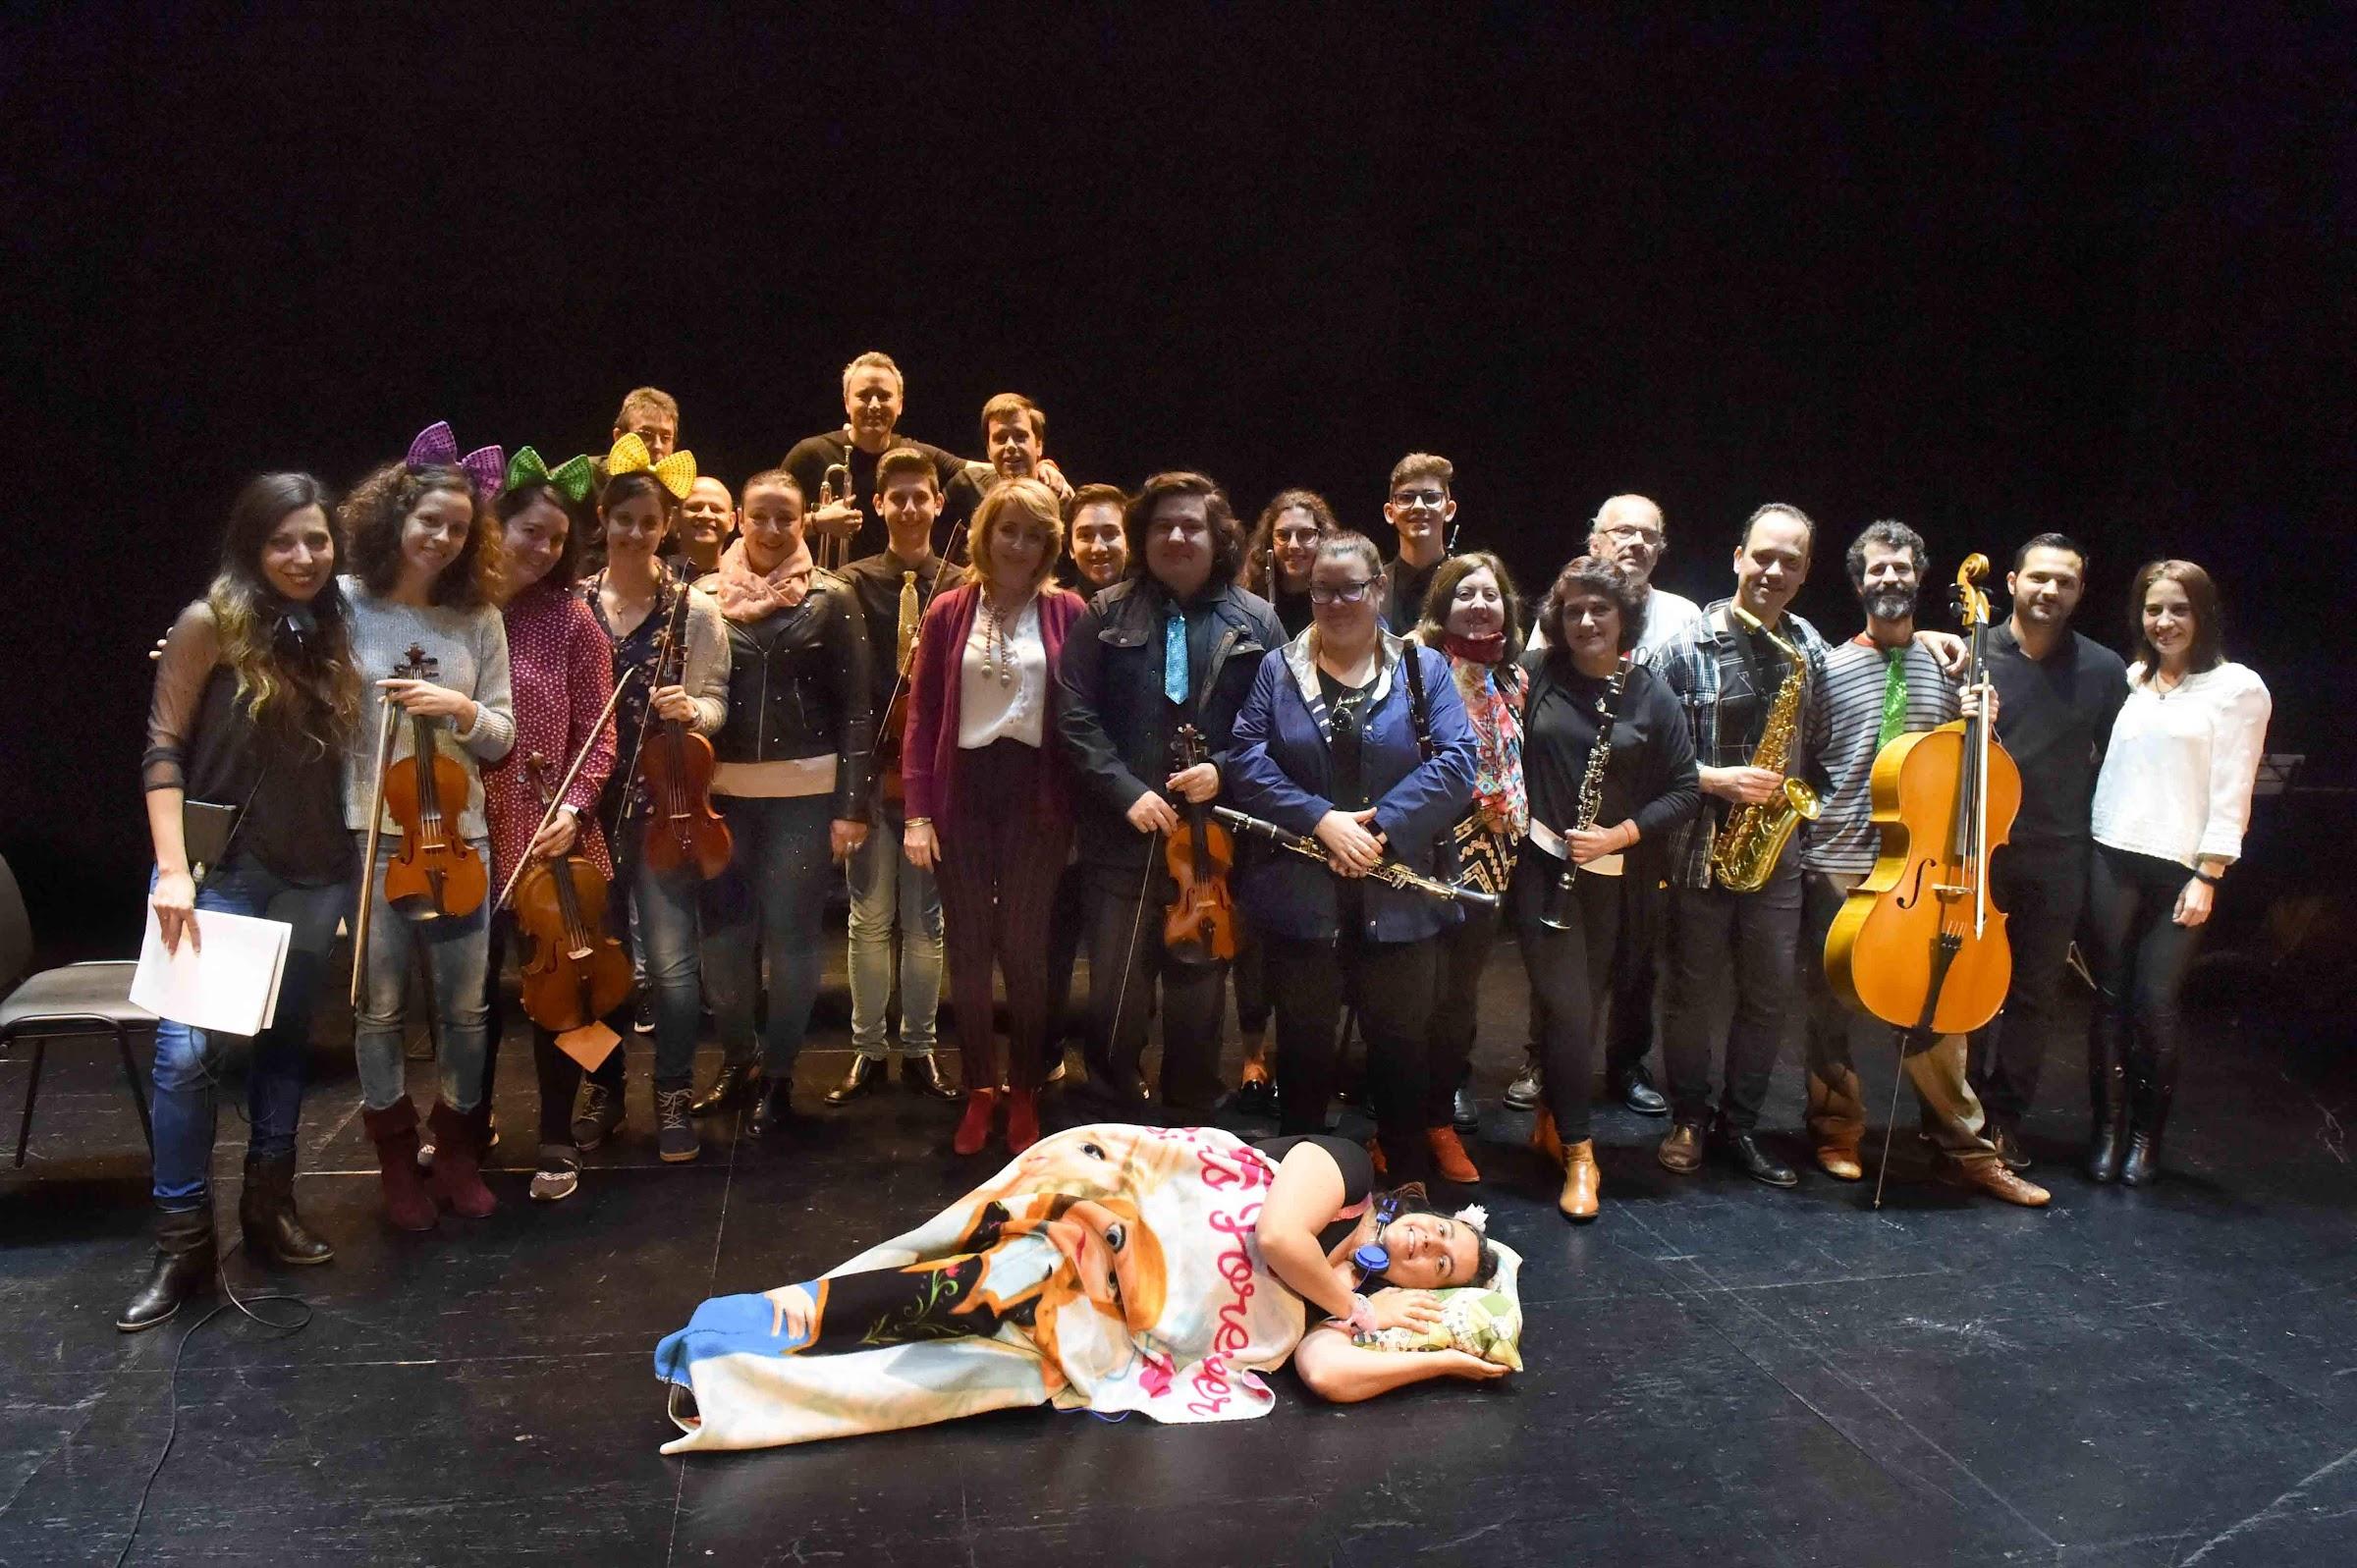 Más de 1.200 alumnos participan en los conciertos didácticos del conservatorio de música